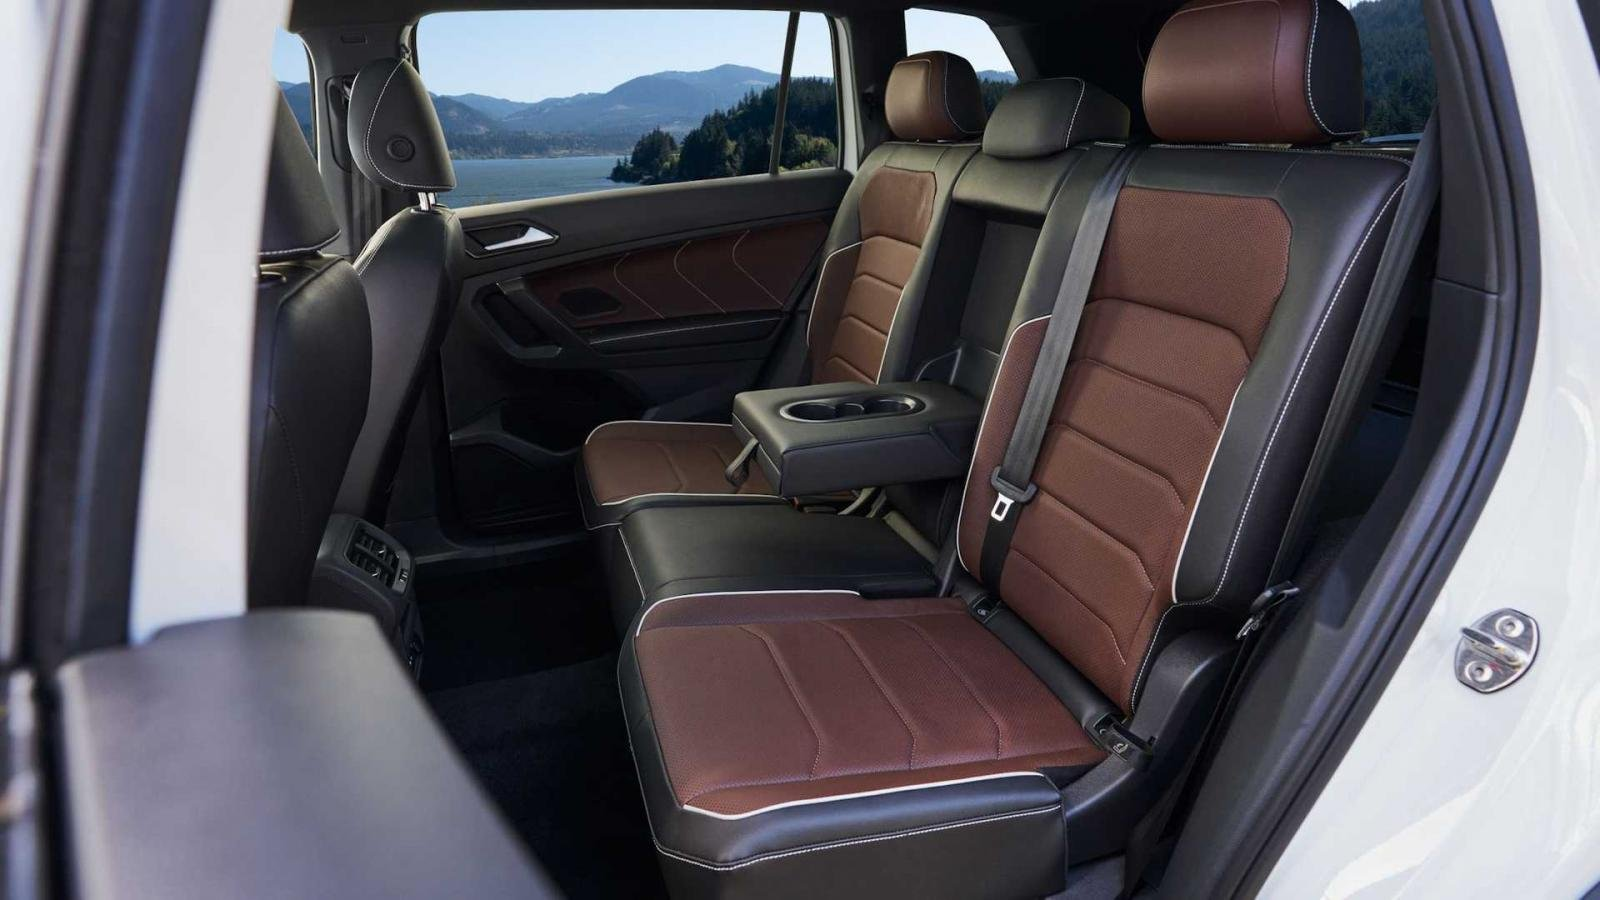 Volkswagen Tiguan 2022 mới hứa hẹn tăng cường trải nghiệm người dùng.